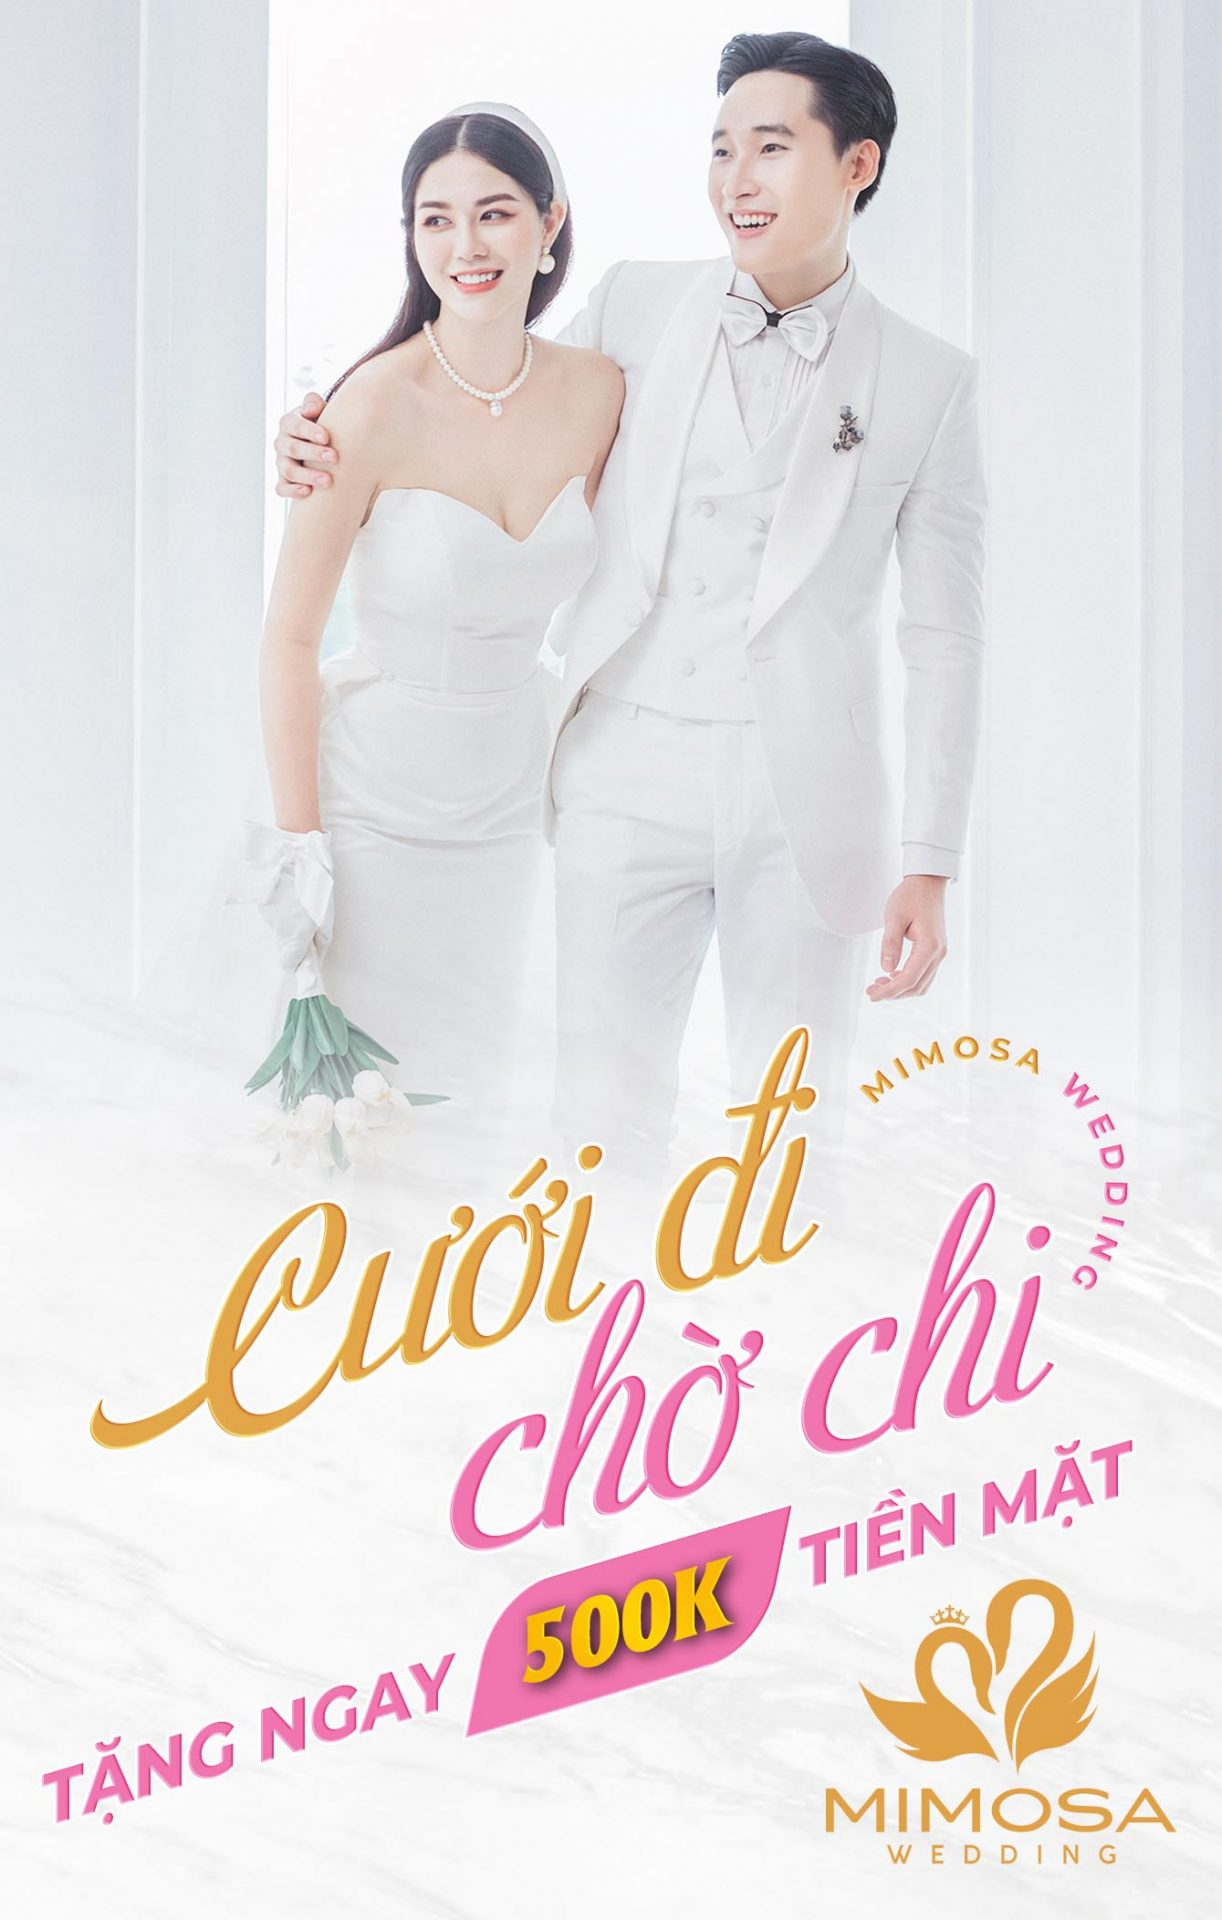 cuoi-di-cho-chi-mimosa-wedding